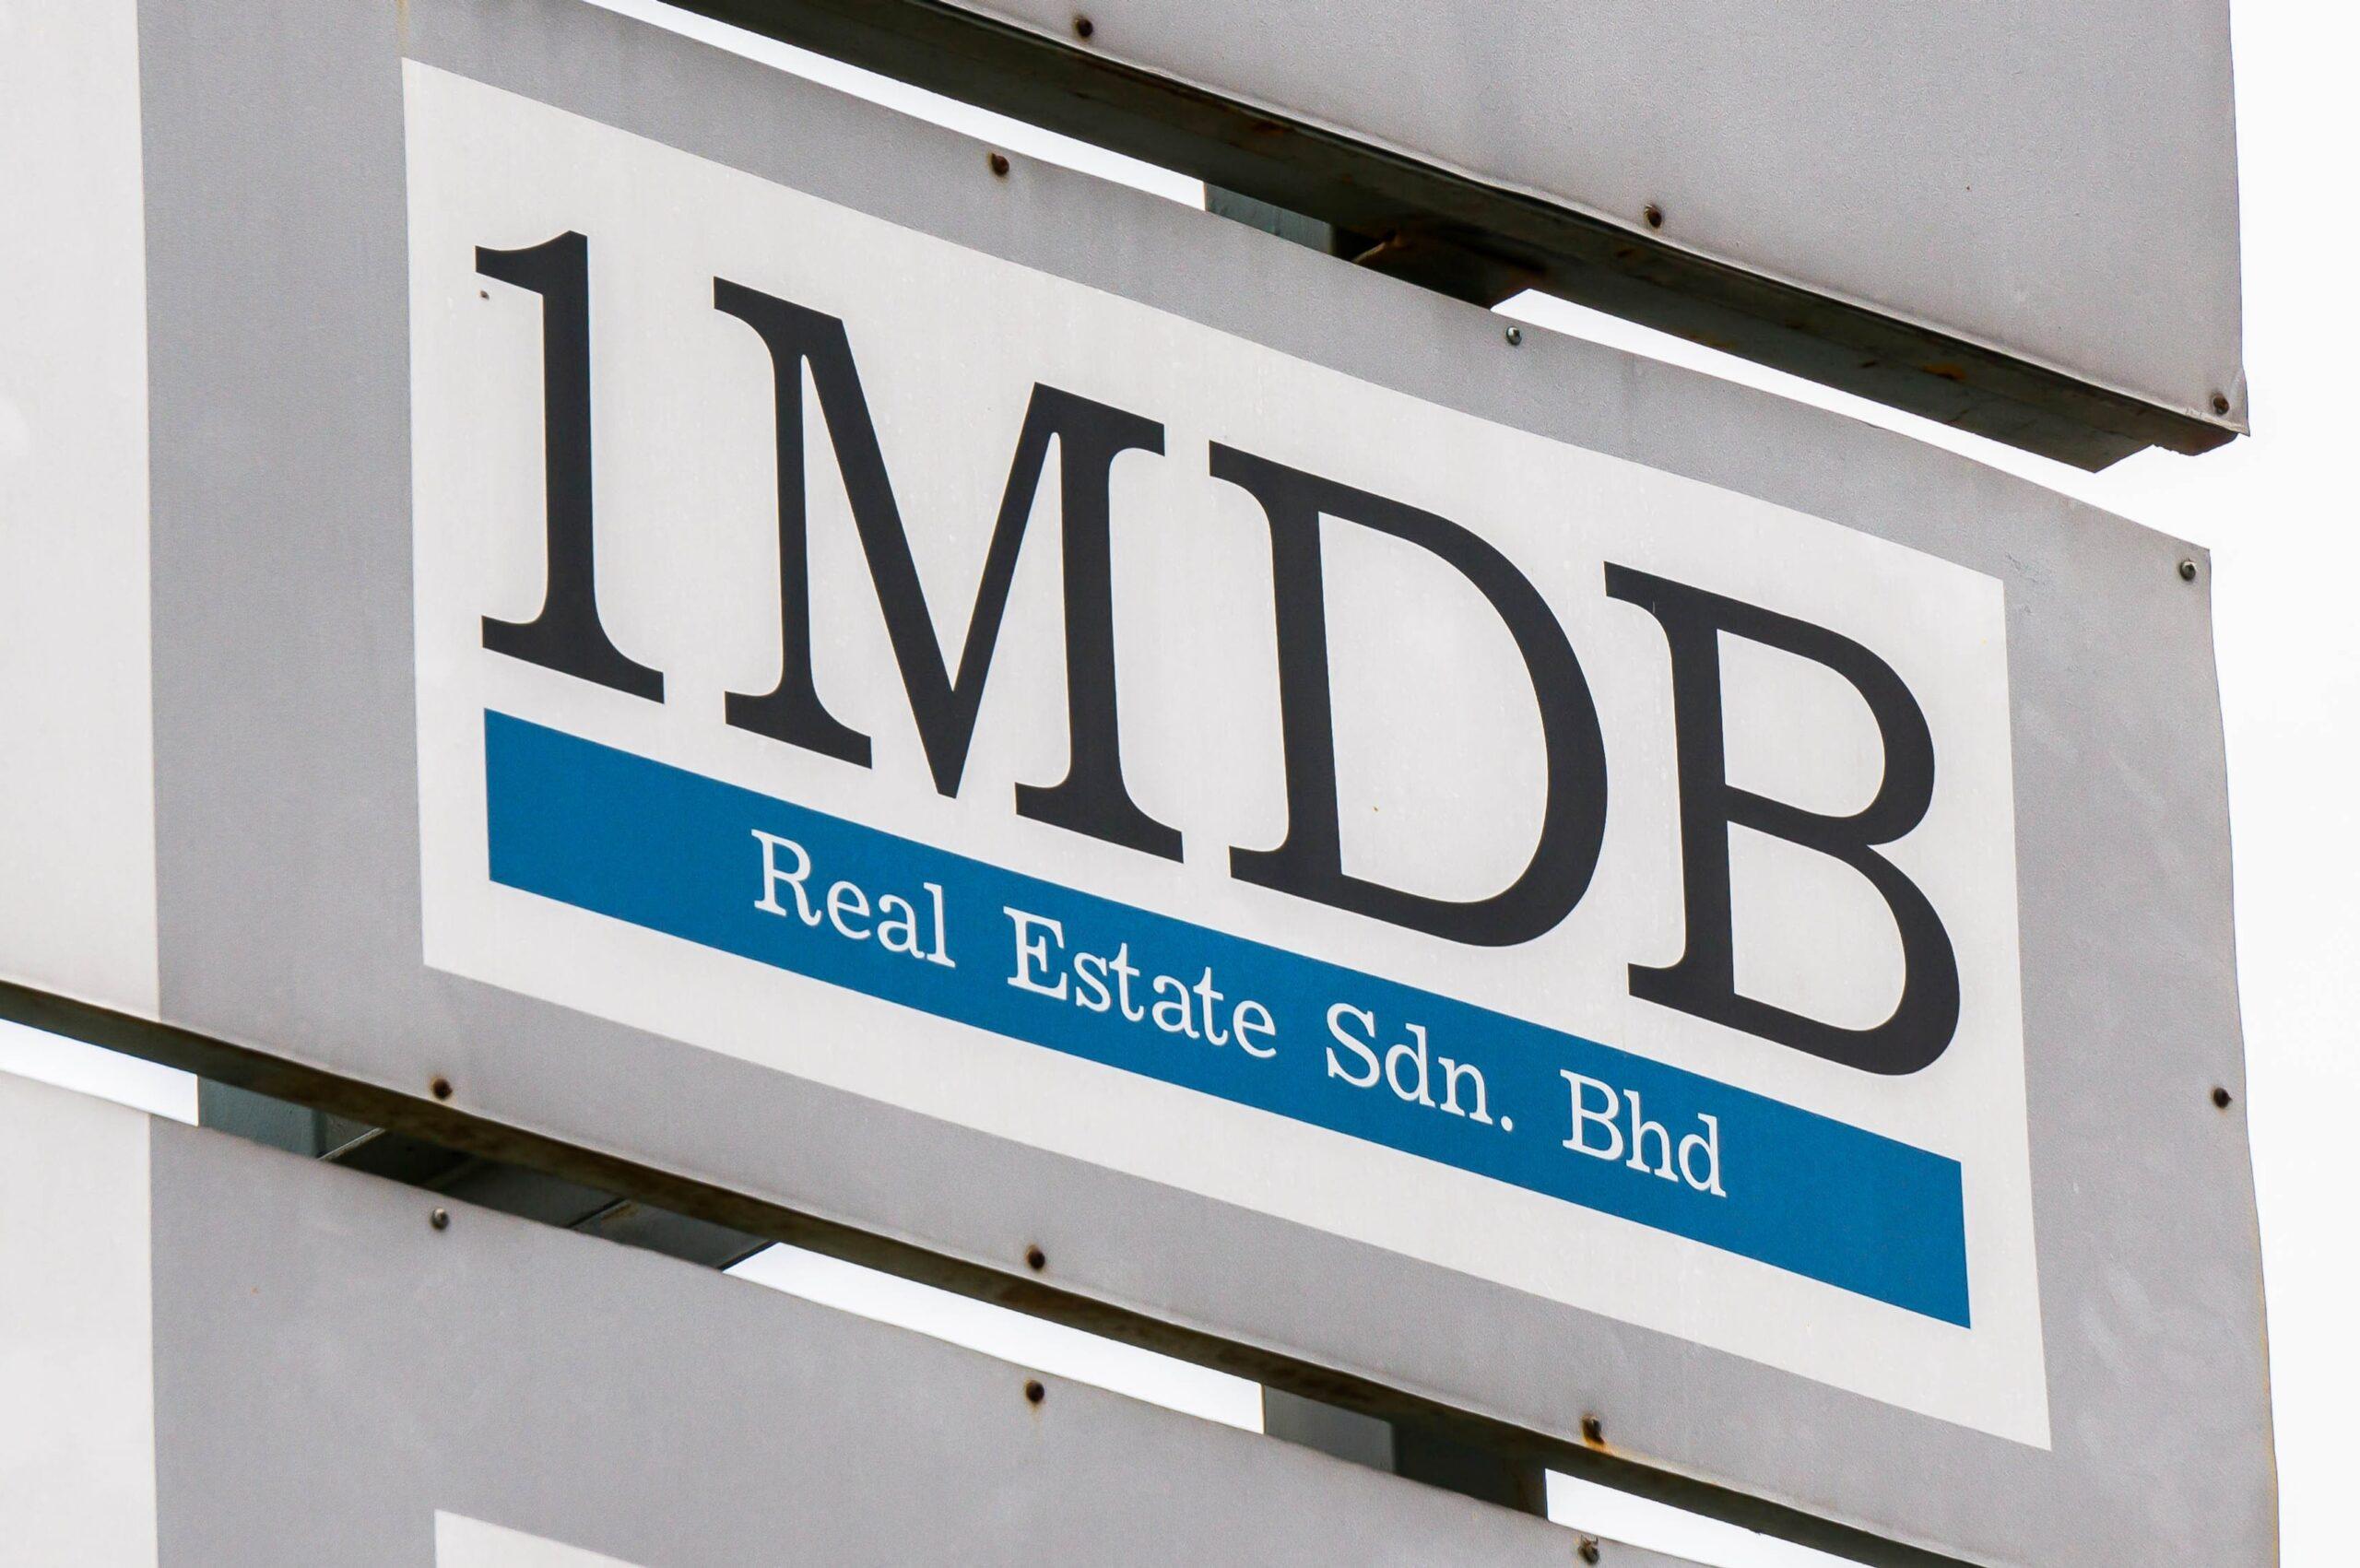 Penerima tertinggi dana 1MDB melalui Najib, kata pendakwaan